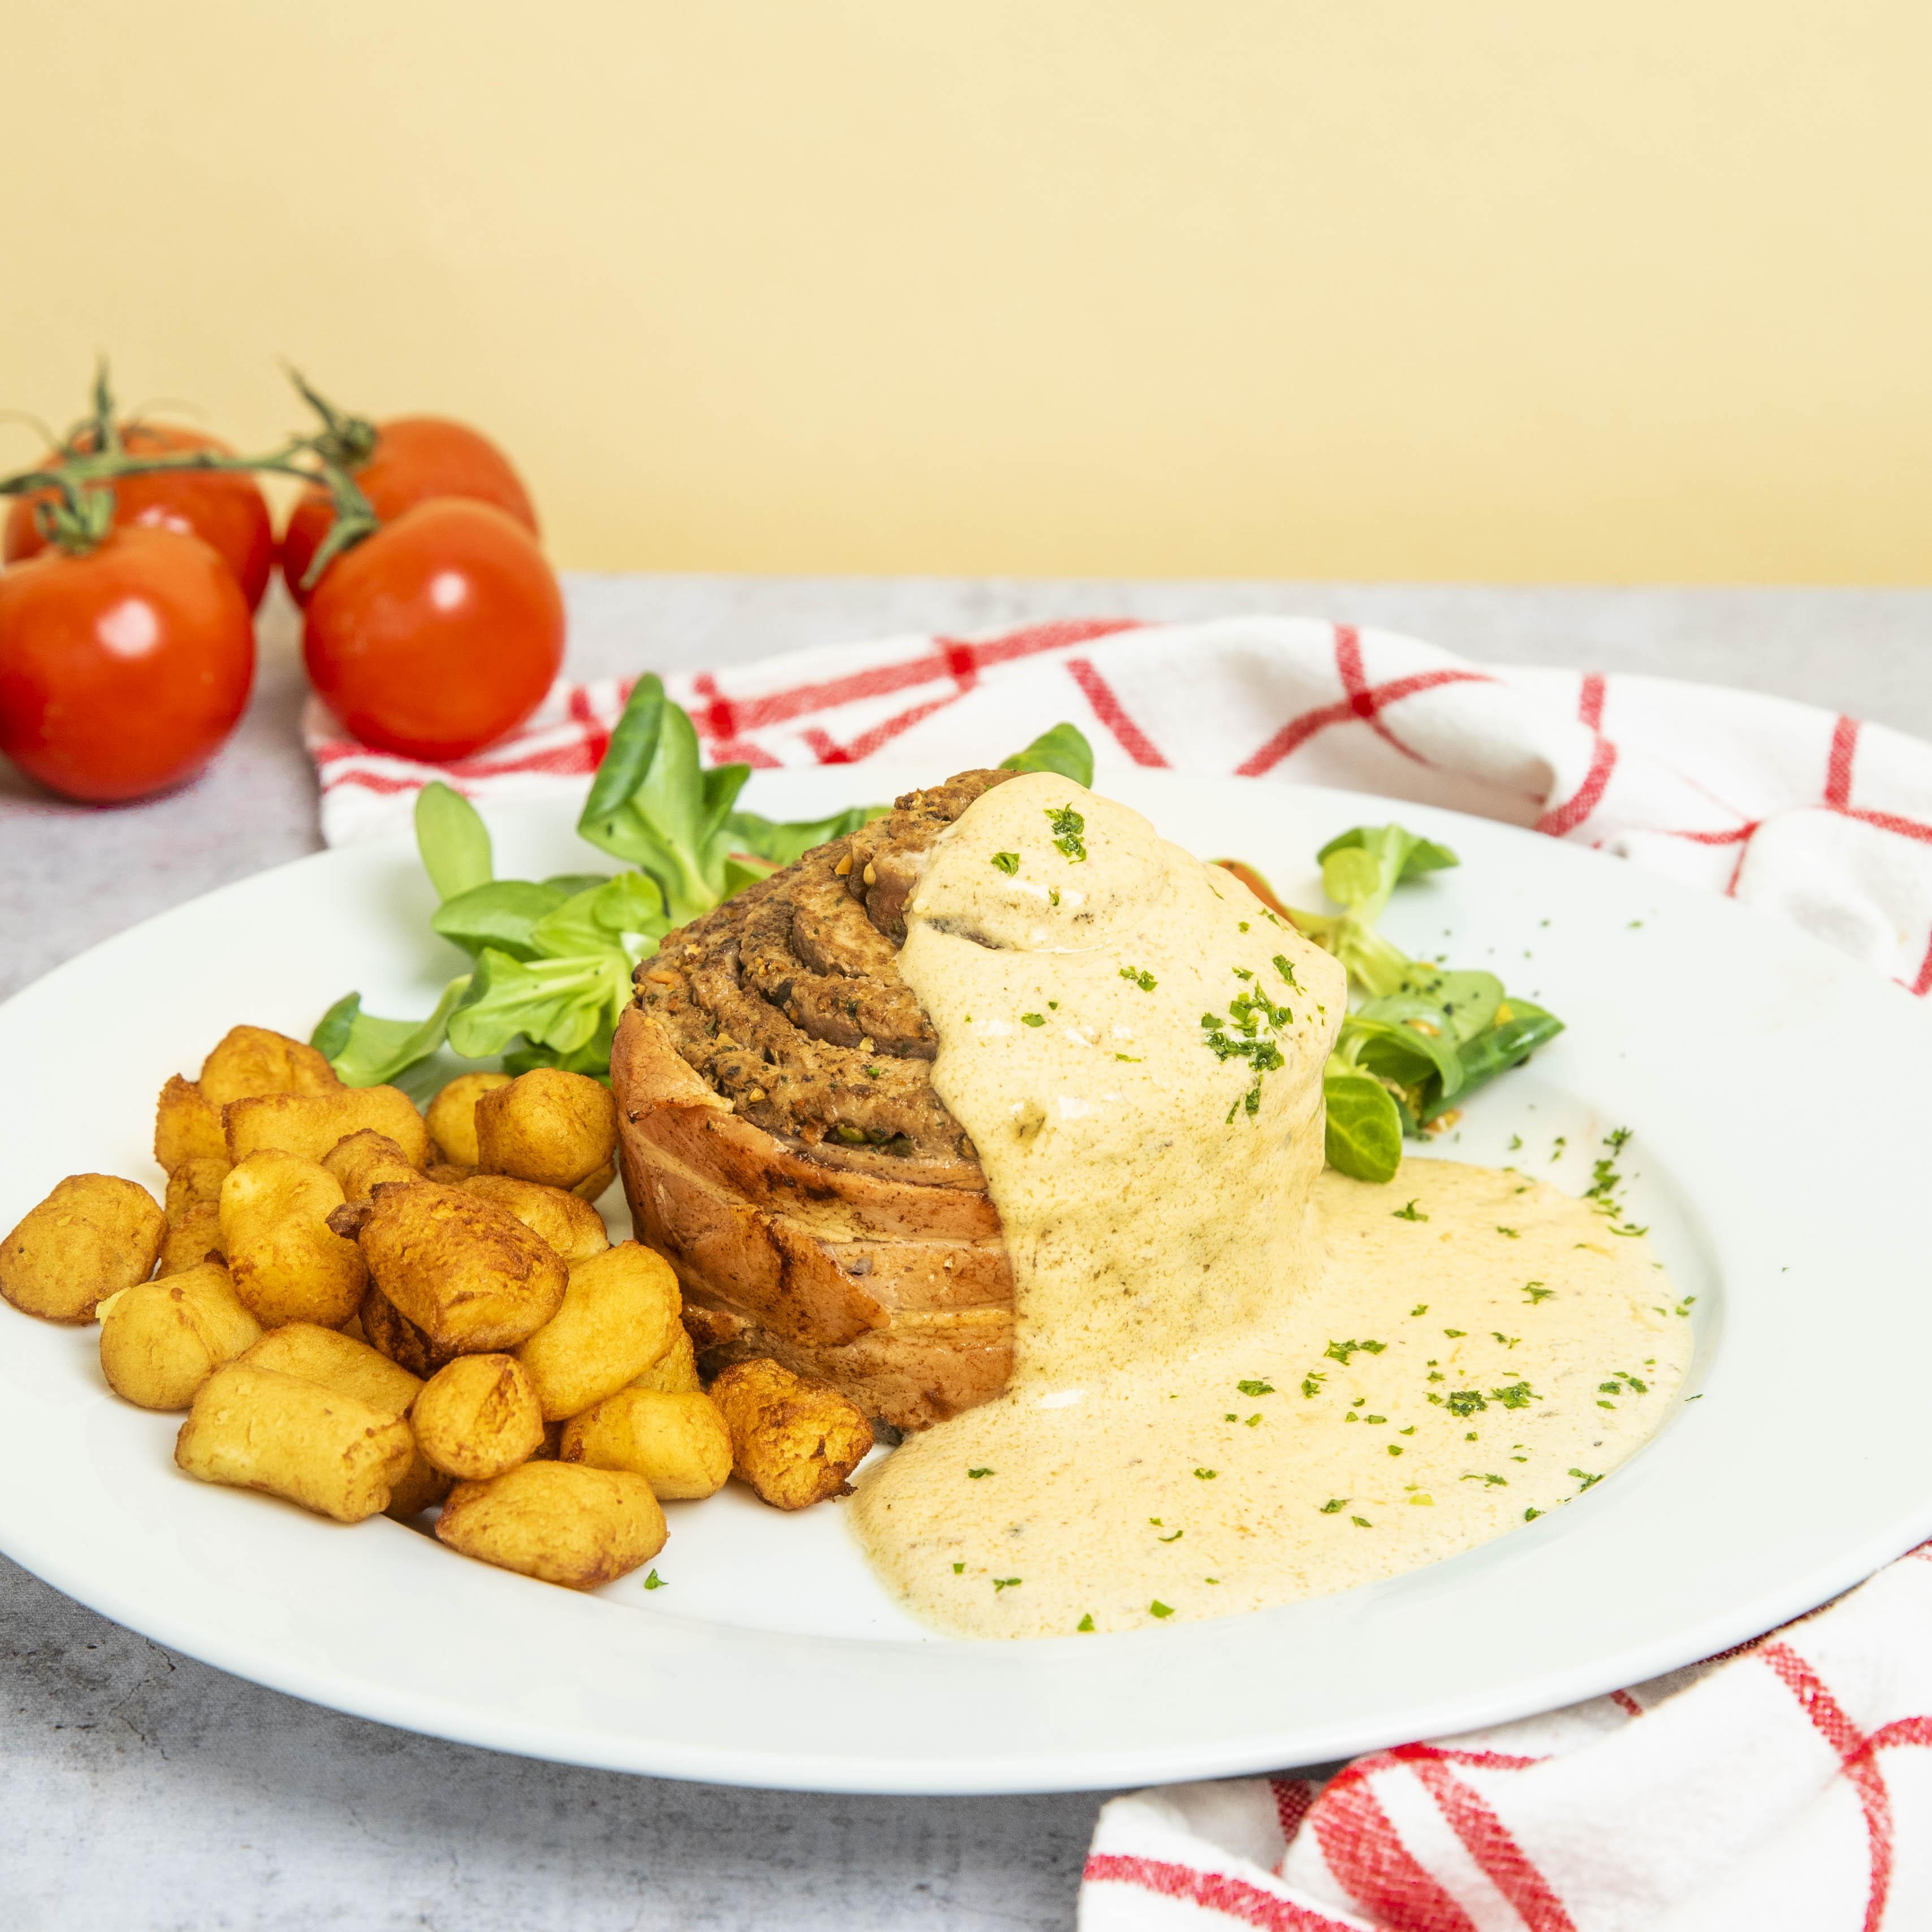 Hackfleisch-Steak mit knusprigen Kartoffeln